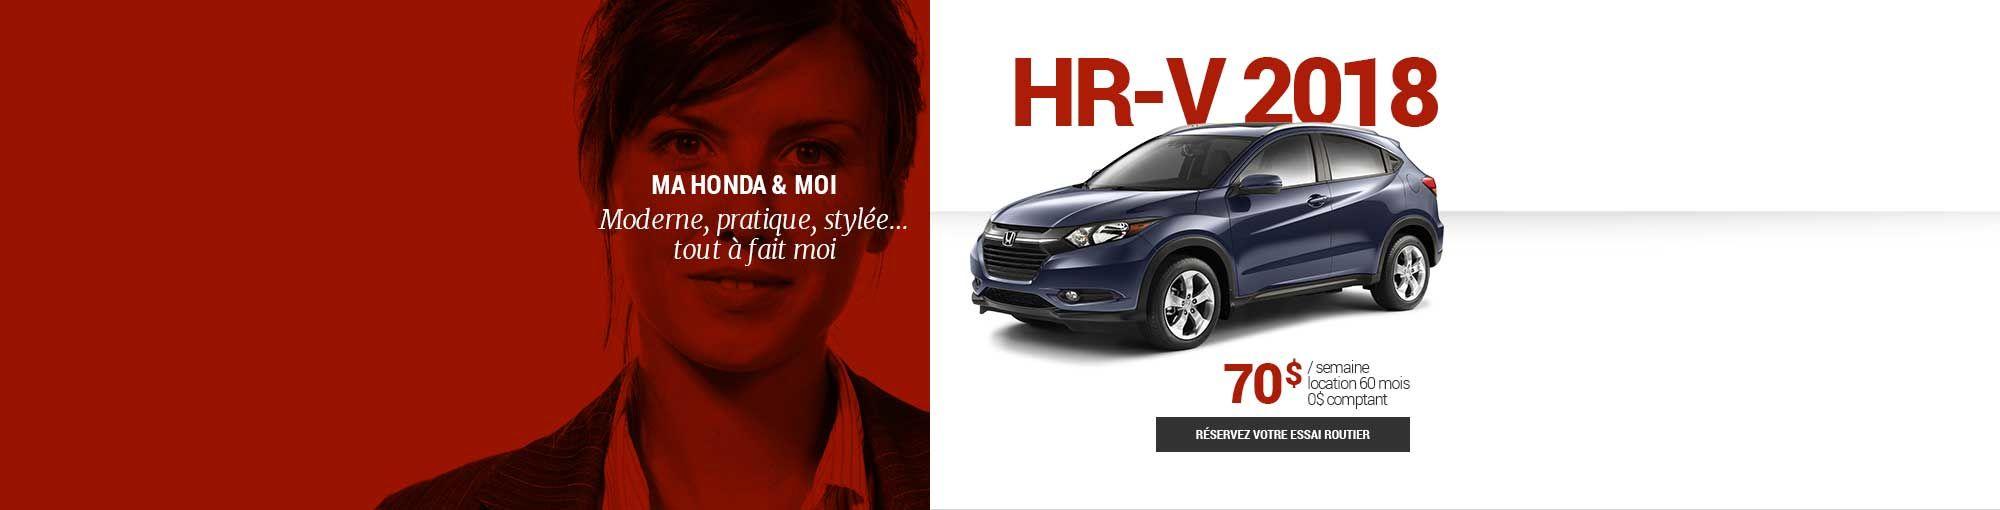 HR-V 2018 -  mai 2018